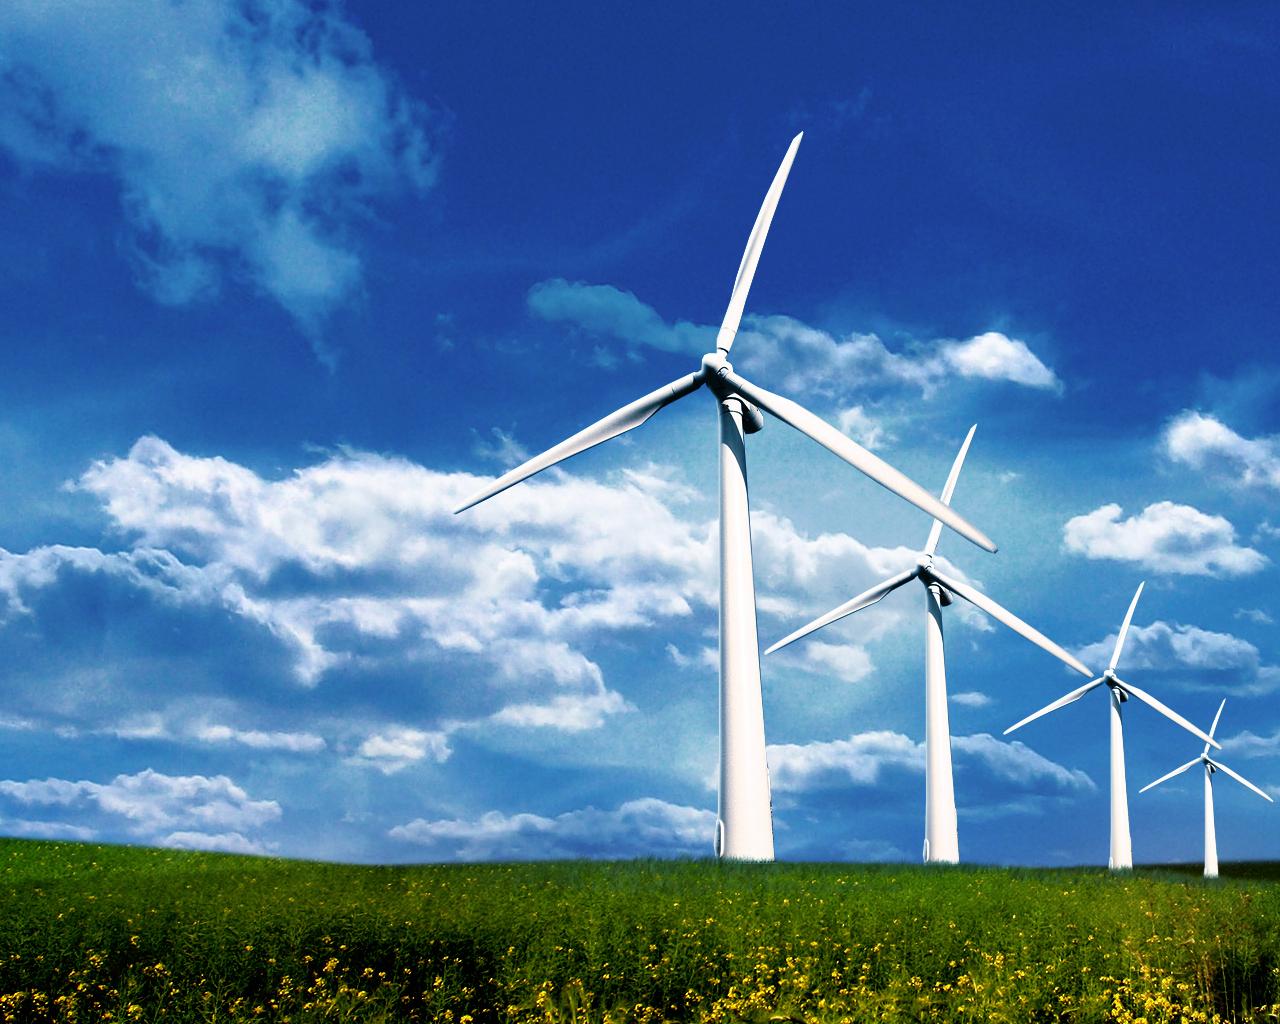 Trụ điện gió xây dựng gần nhà dân thì phải được bồi thường không?